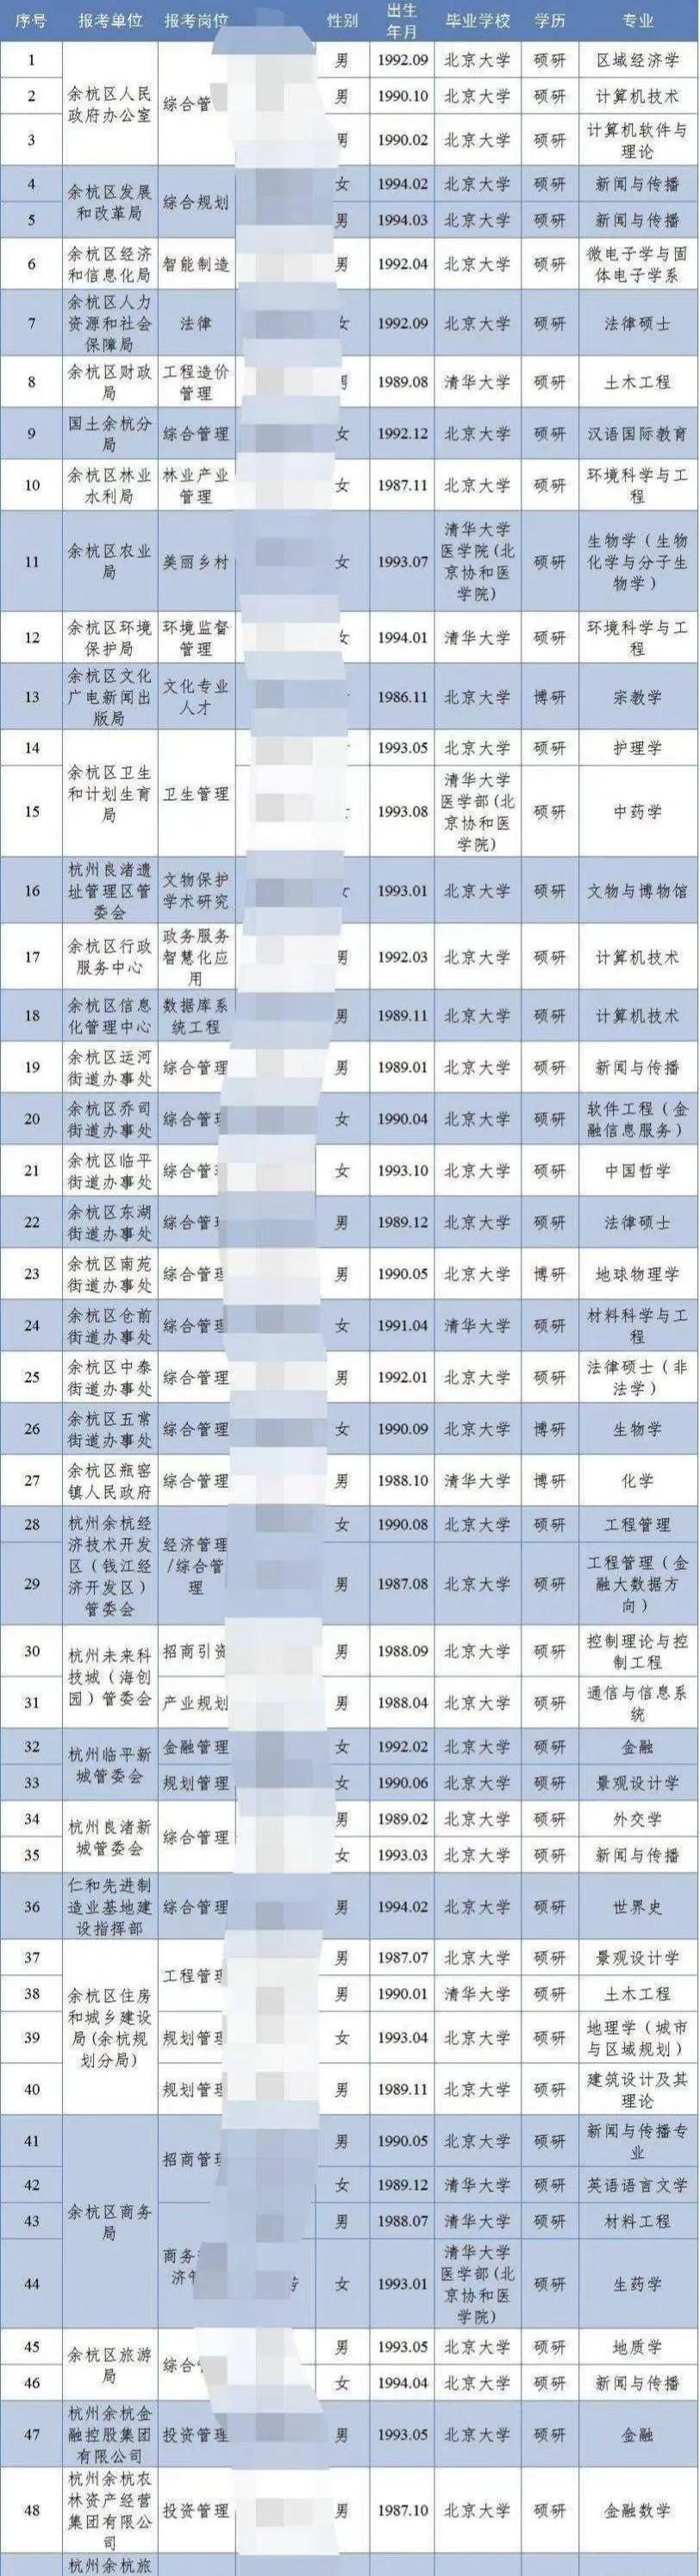 【武汉快猫网址顾问】_街道办招8人,全是清华北大硕博研究生!这算大材小用吗?